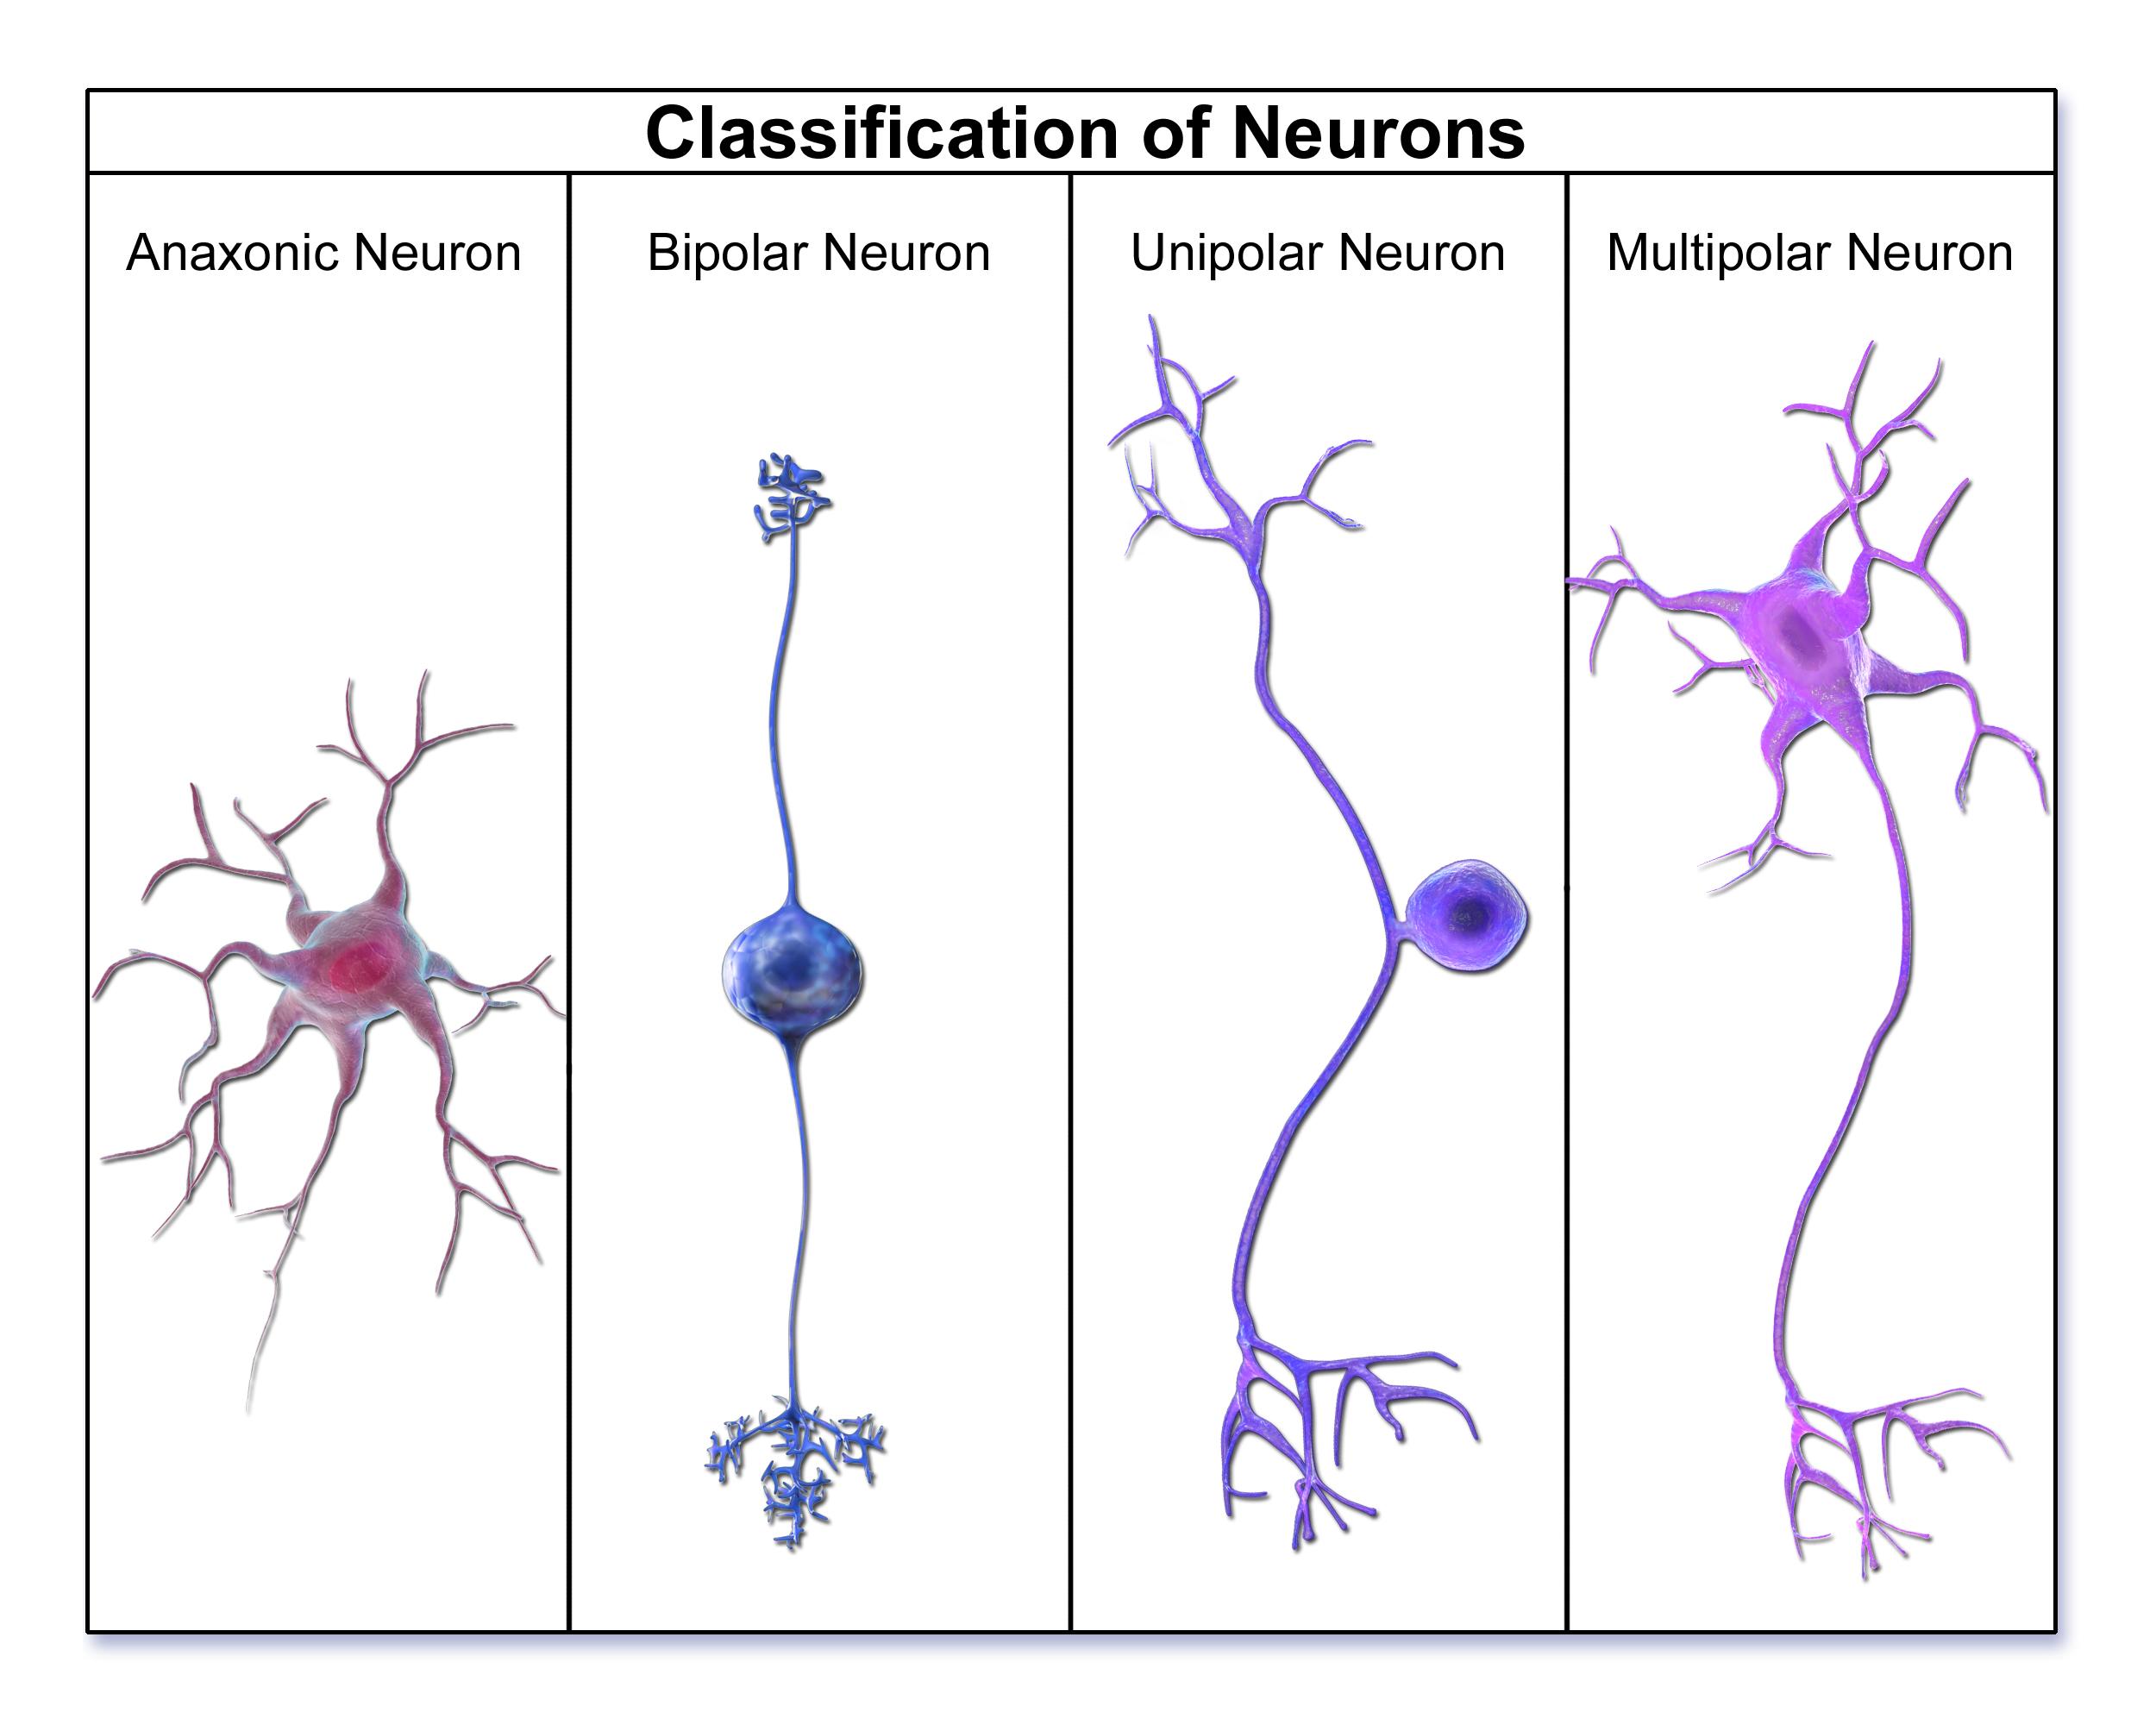 خلية عصبية ثنائية القطب